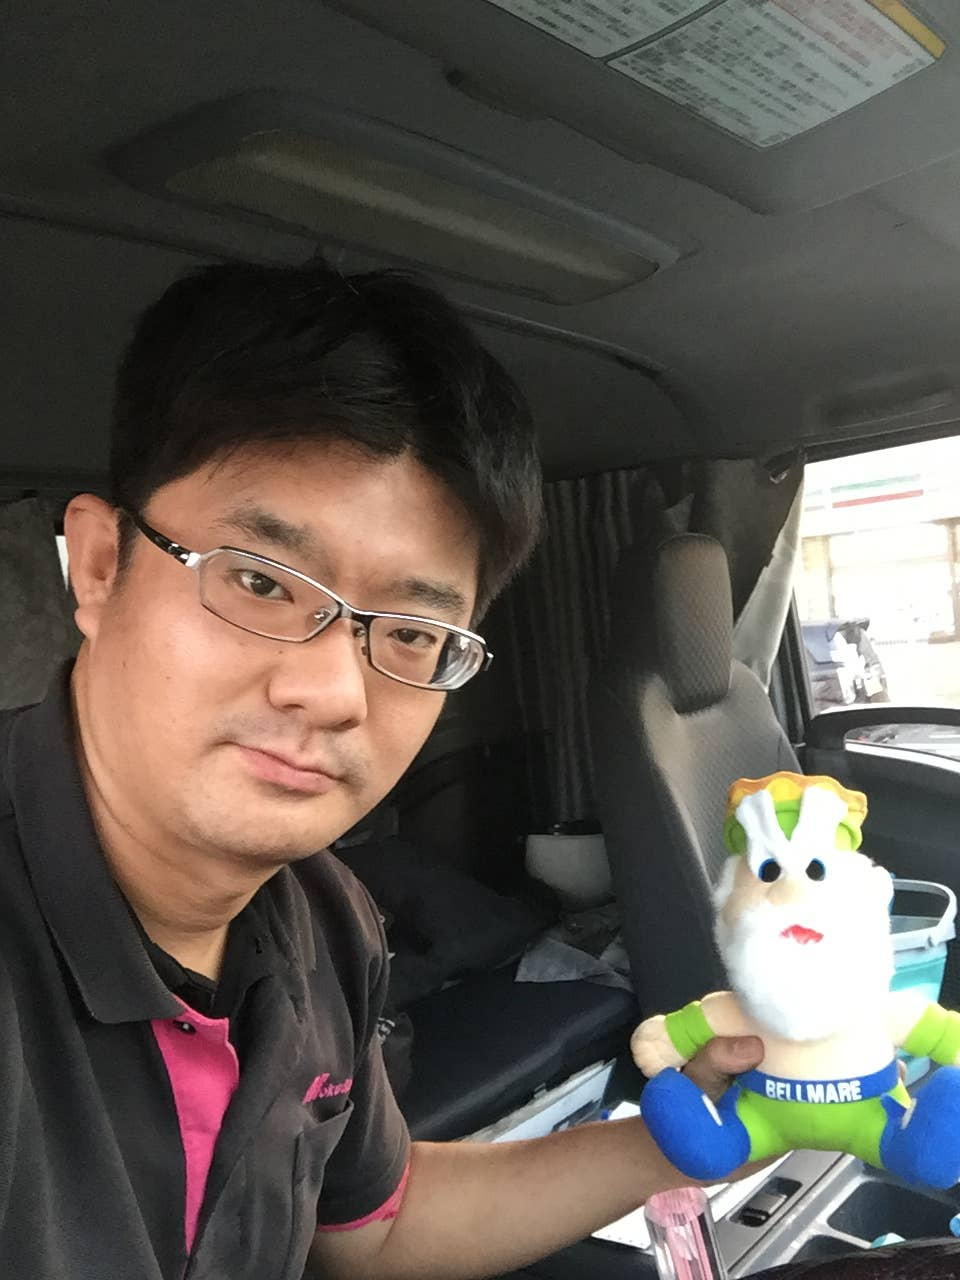 Masato Kobashi